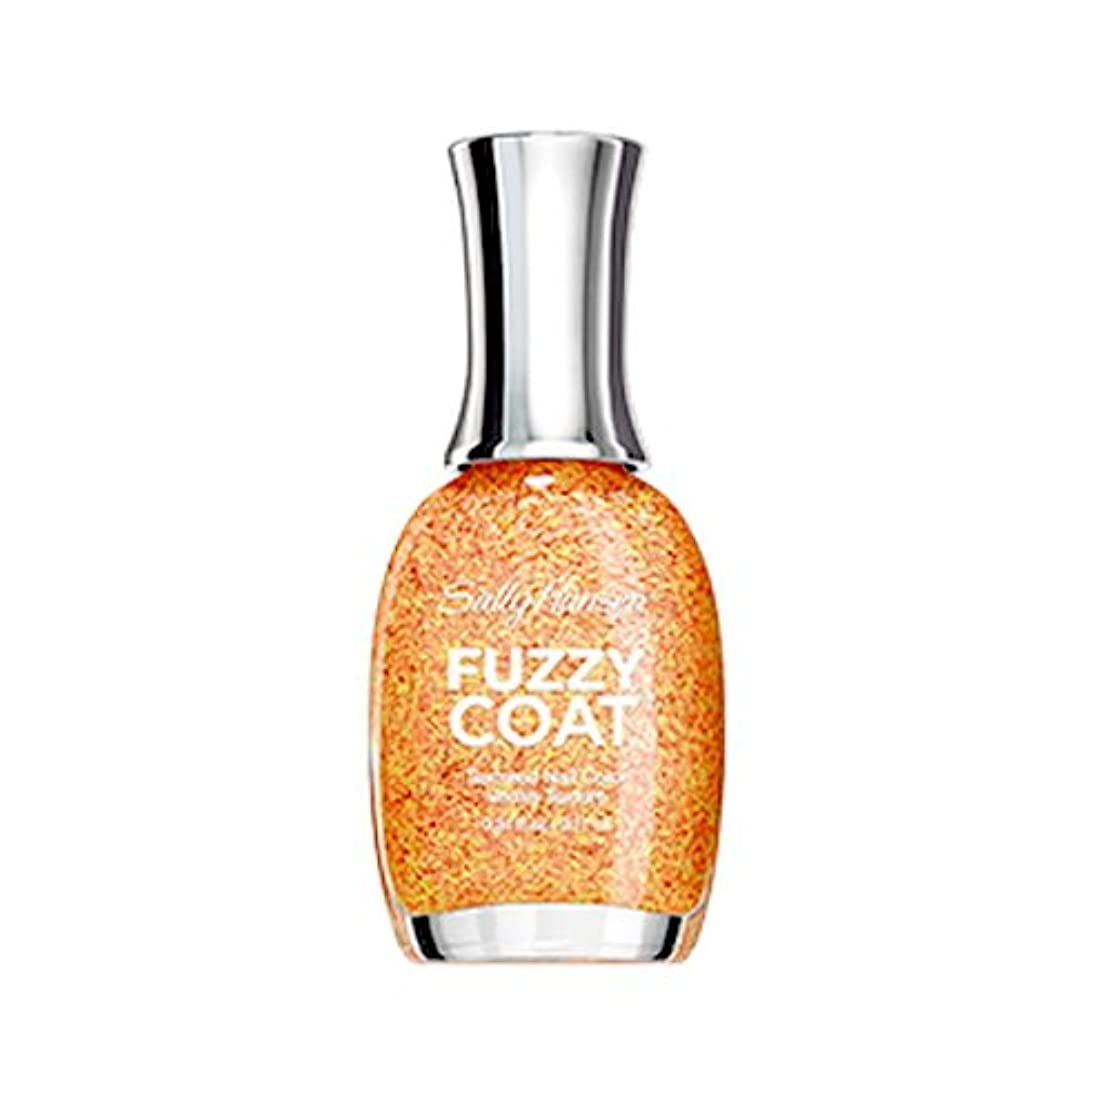 ジャンプサスペンドジョージスティーブンソン(6 Pack) SALLY HANSEN Fuzzy Coat Special Effect Textured Nail Color - Peach Fuzz (並行輸入品)